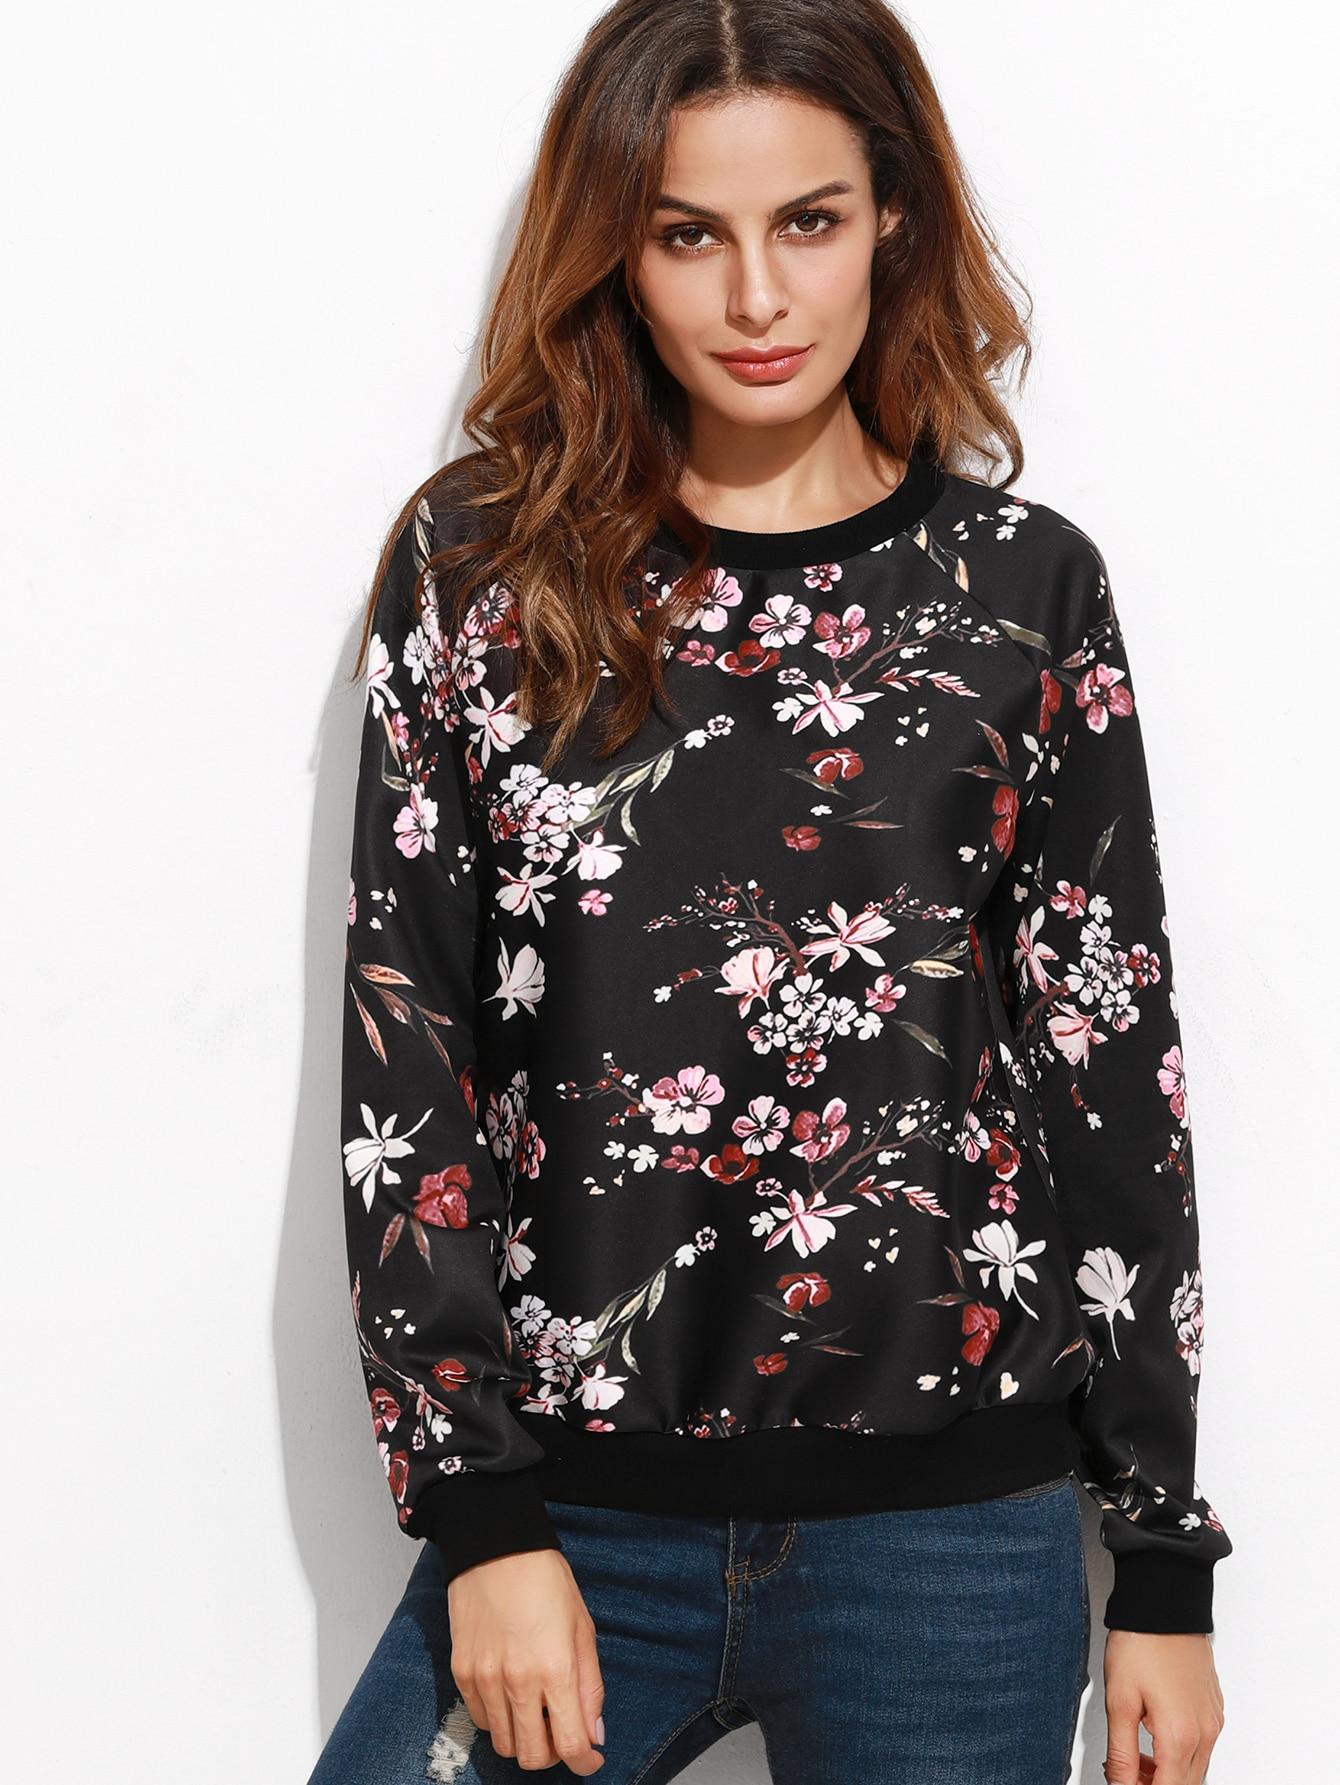 Black Floral Print Raglan Sleeve Sweatshirt sweatshirt160922502